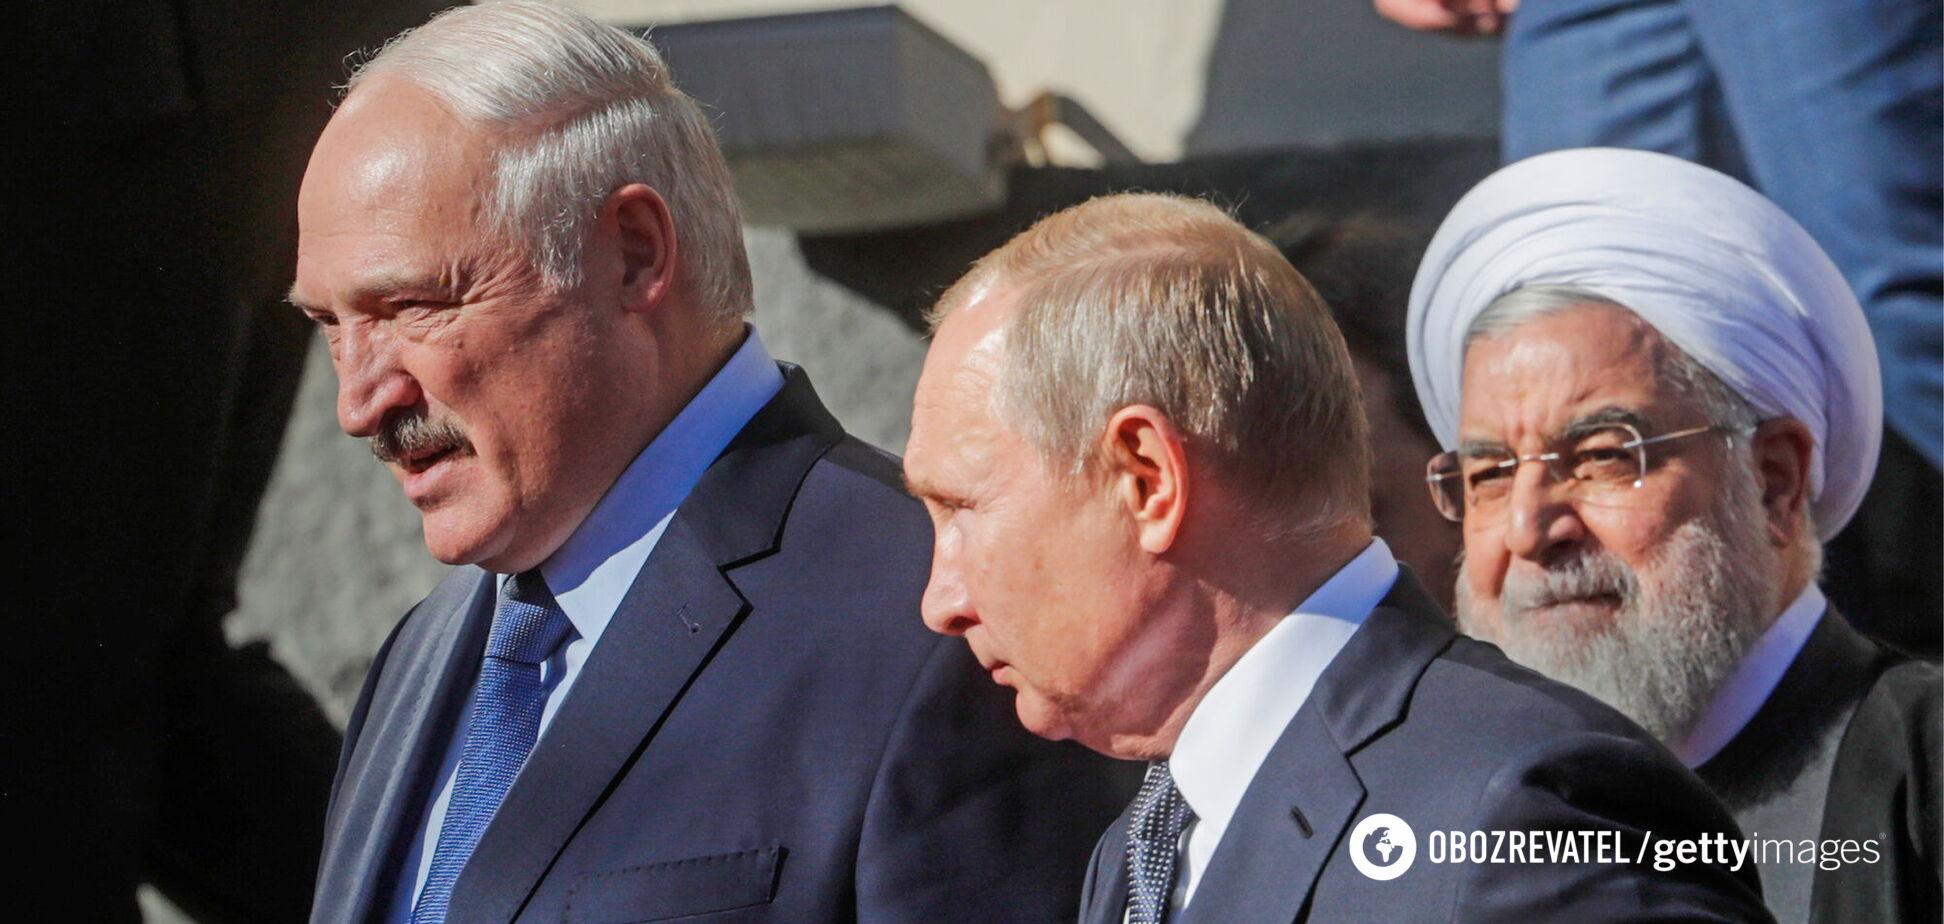 Лукашенко лучше бы помолчать